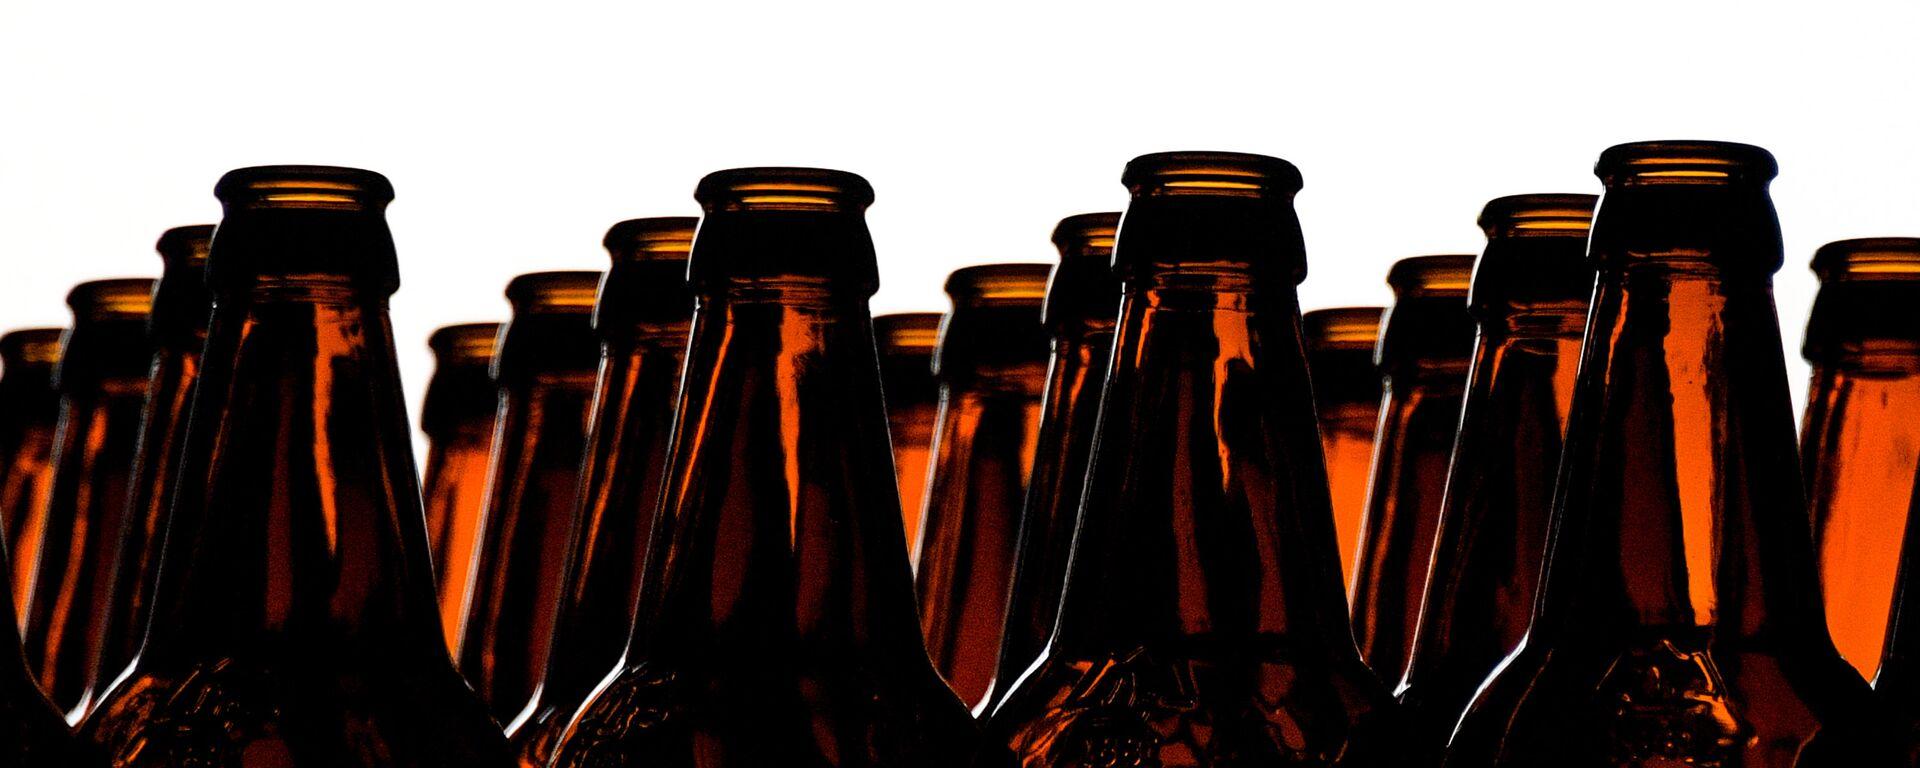 Цех розлива на пивоваренном заводе - Sputnik Латвия, 1920, 24.01.2021